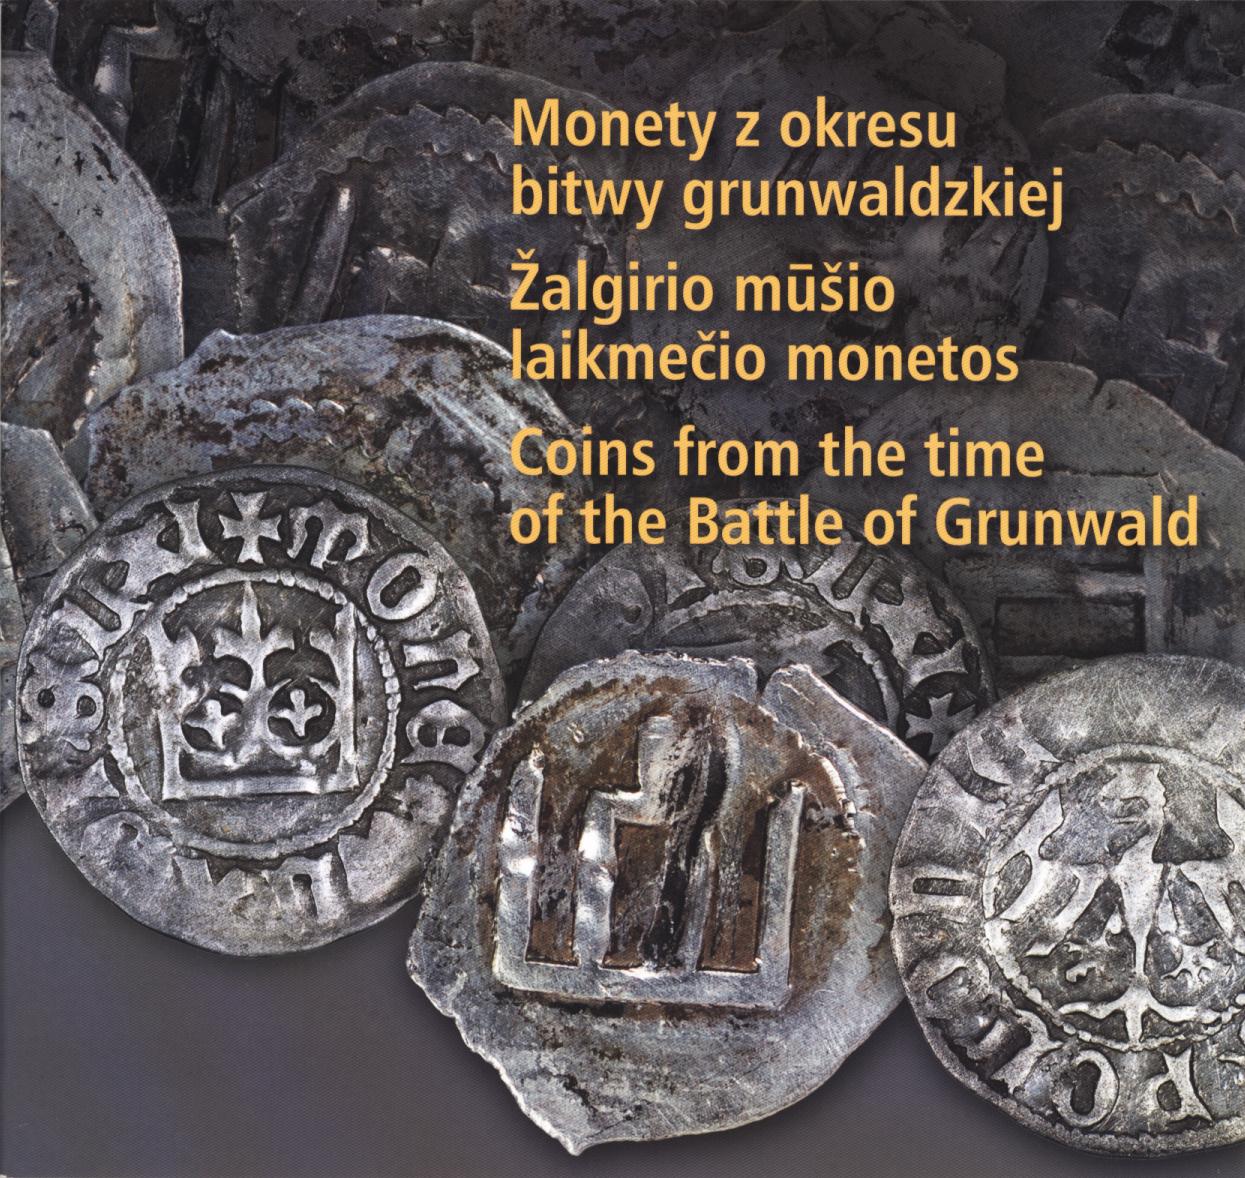 https://m.wmwm.pl/2016/02/orig/monety-z-okresu-bitwy-grunwaldzkiej-5022.jpg